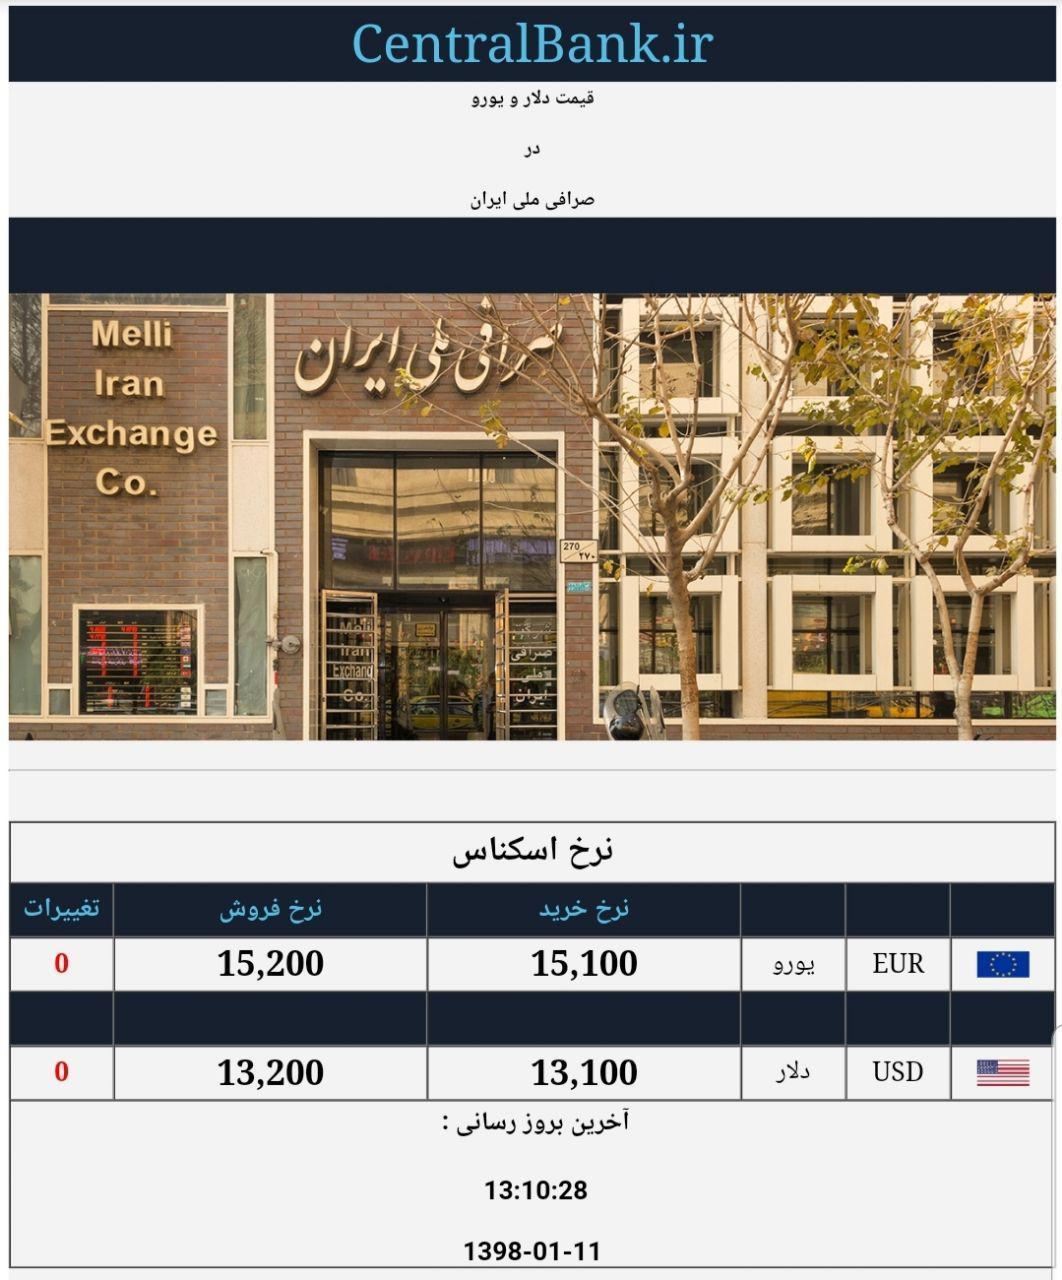 قیمت دلار و یورو در صرافی ملی امروز ۱۳۹۸/۰۱/۱۱